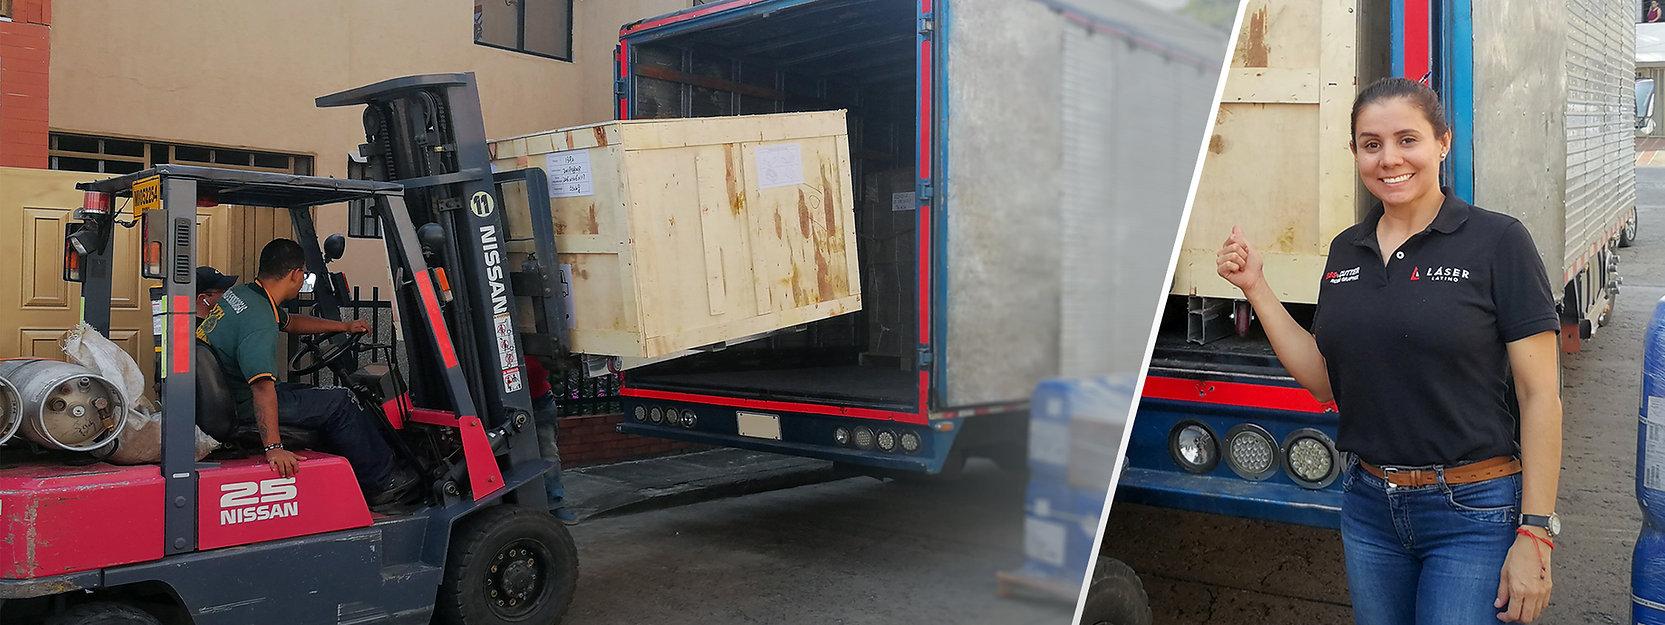 Entrega inmediata disponibilidad en stock de máquinas equipos corte y grabado láser CO2 Fibra Impresoras UV despacho logística en Cali medellin bogota colombia latinoamerica suramerica